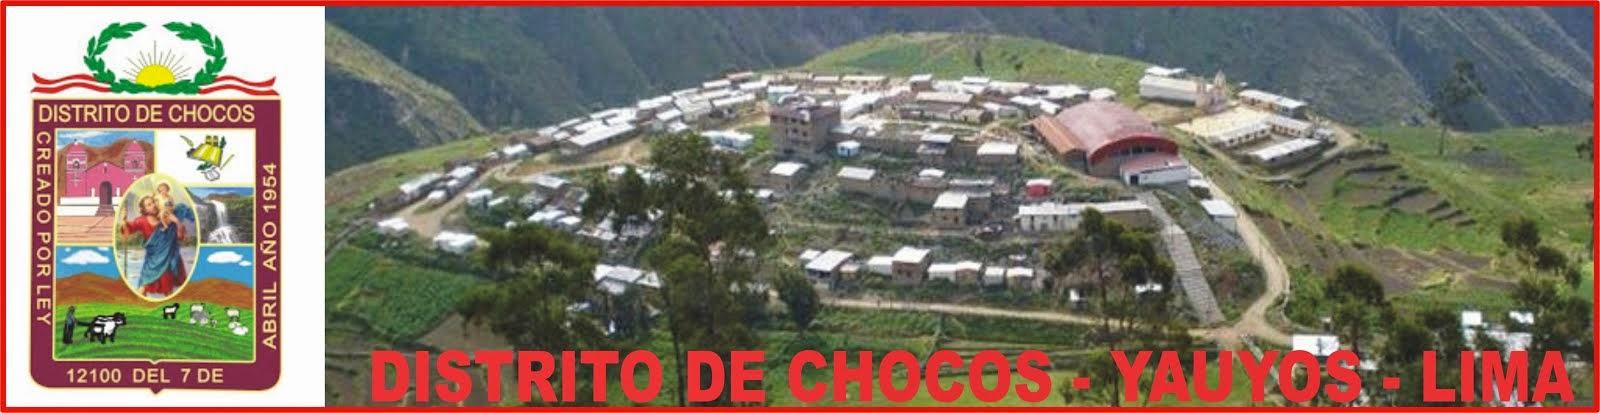 DISTRITO DE CHOCOS